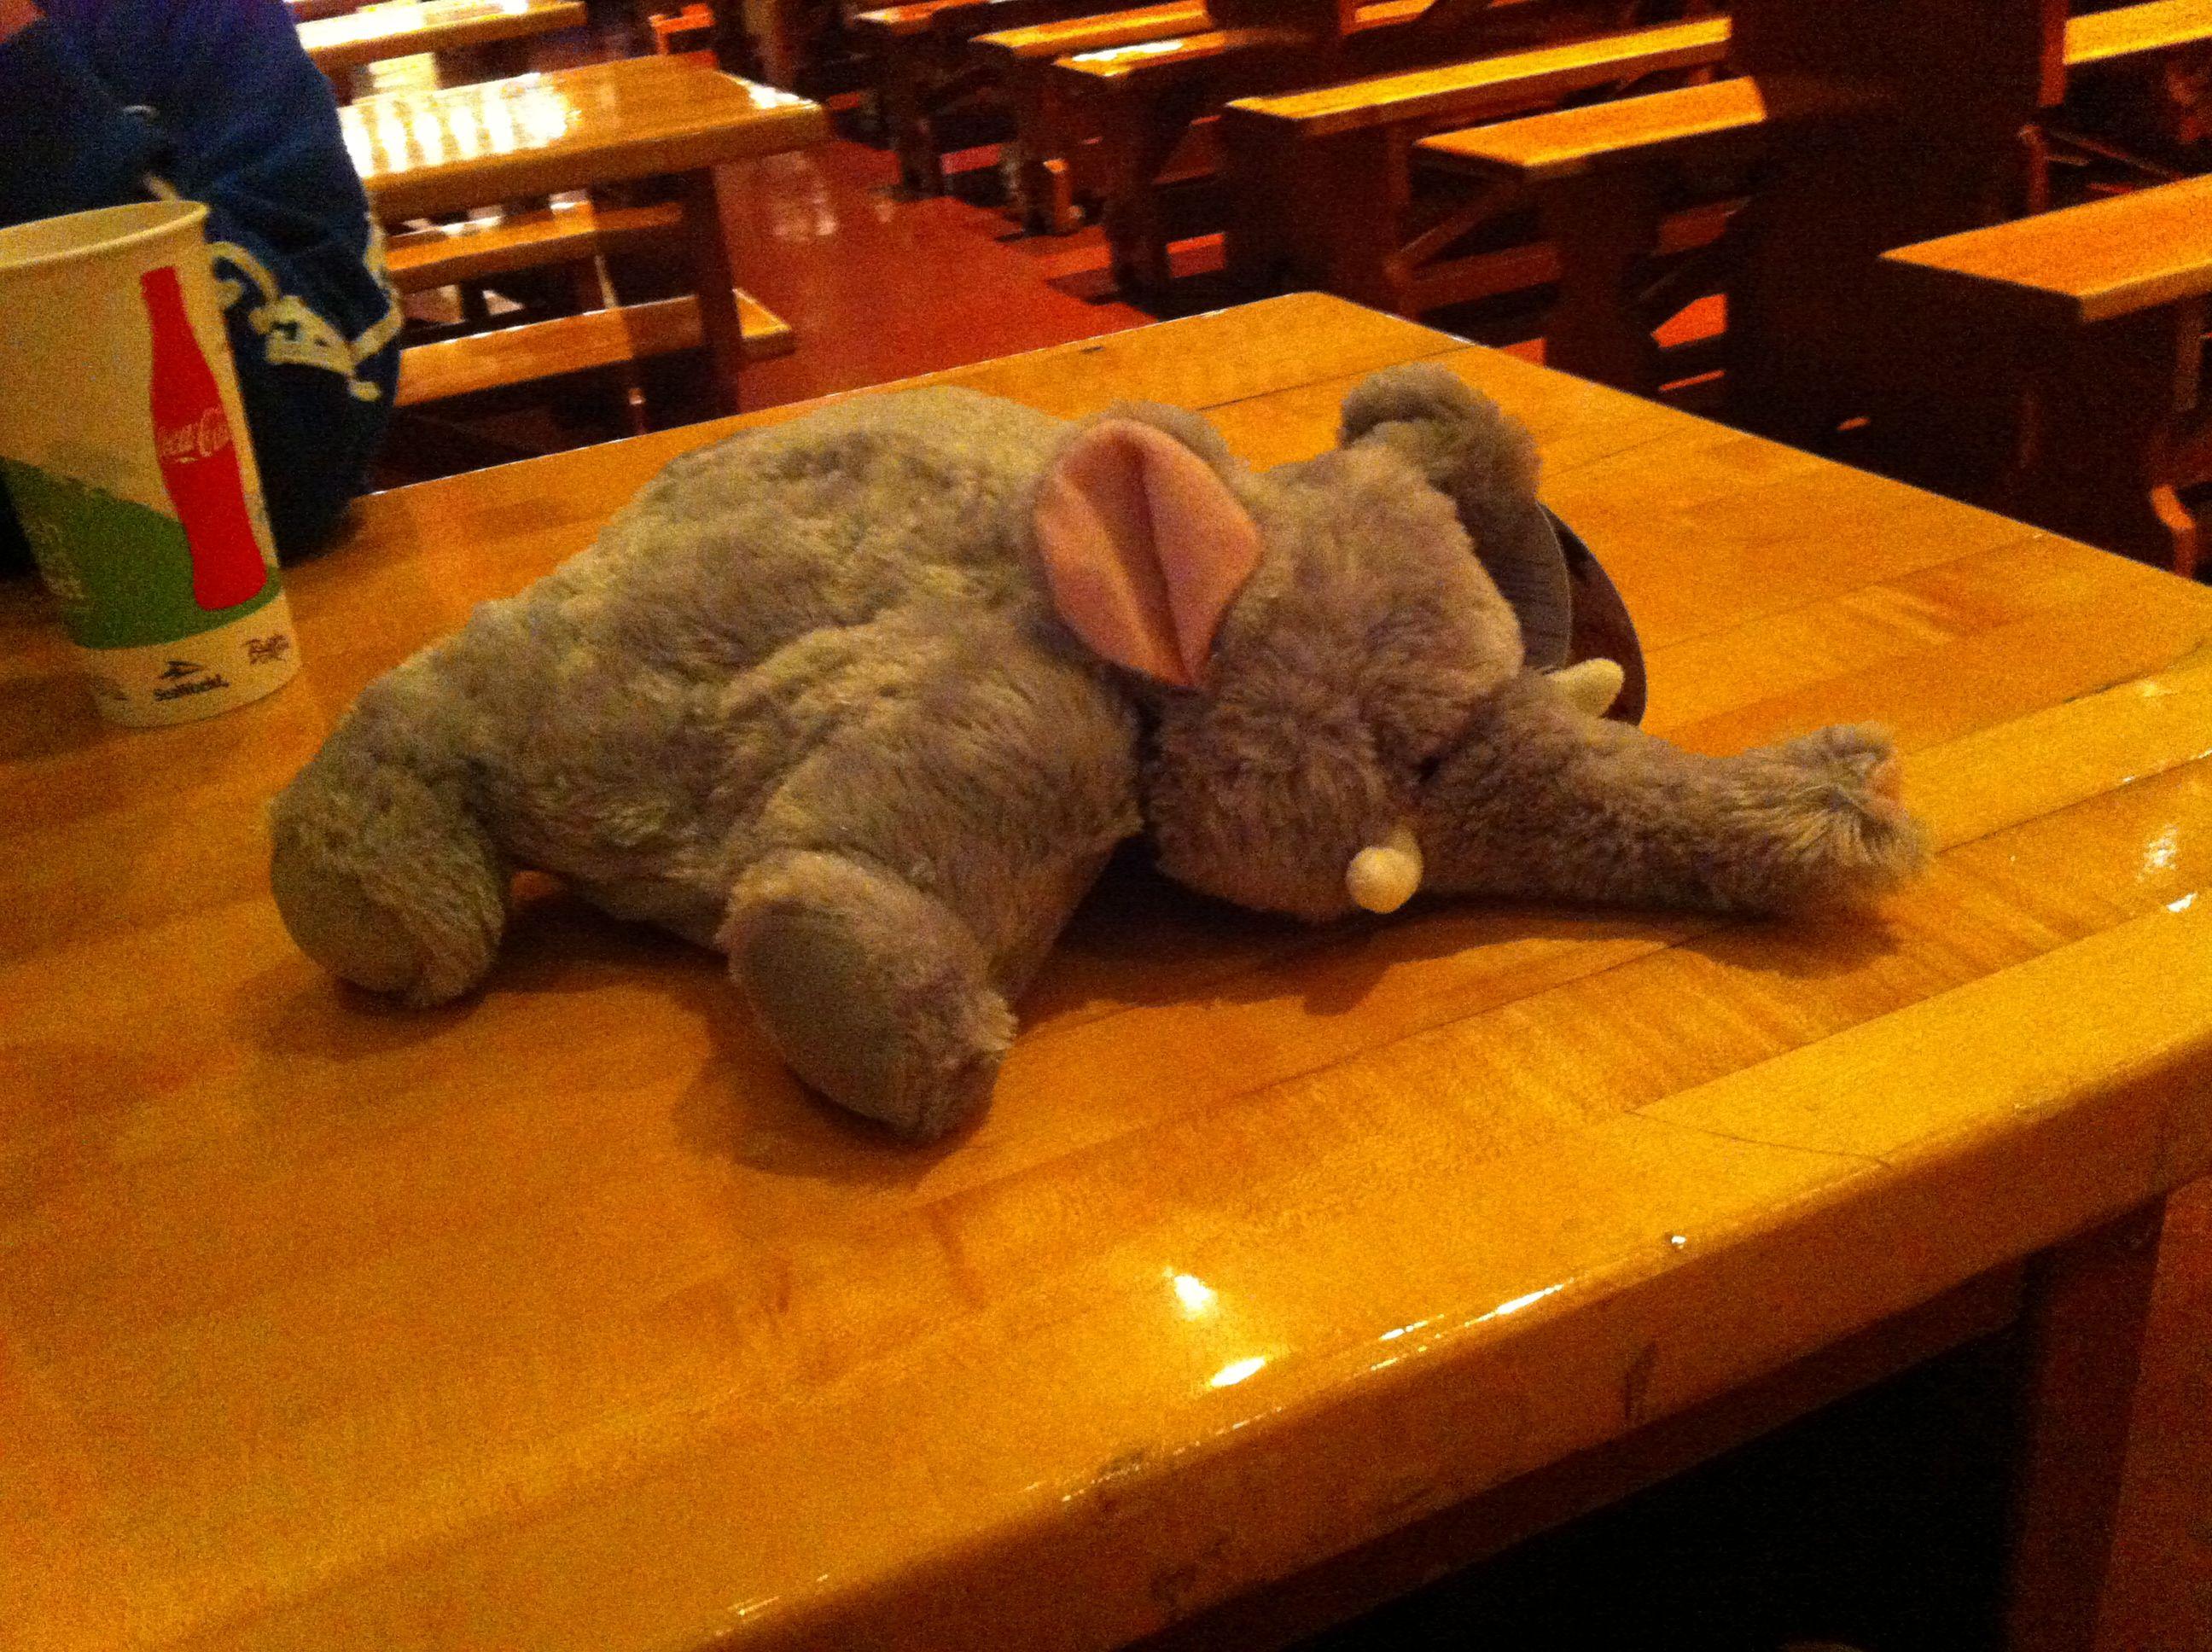 just won a mini elephant pillow pet from Busch gardens, OMGGGGG ...